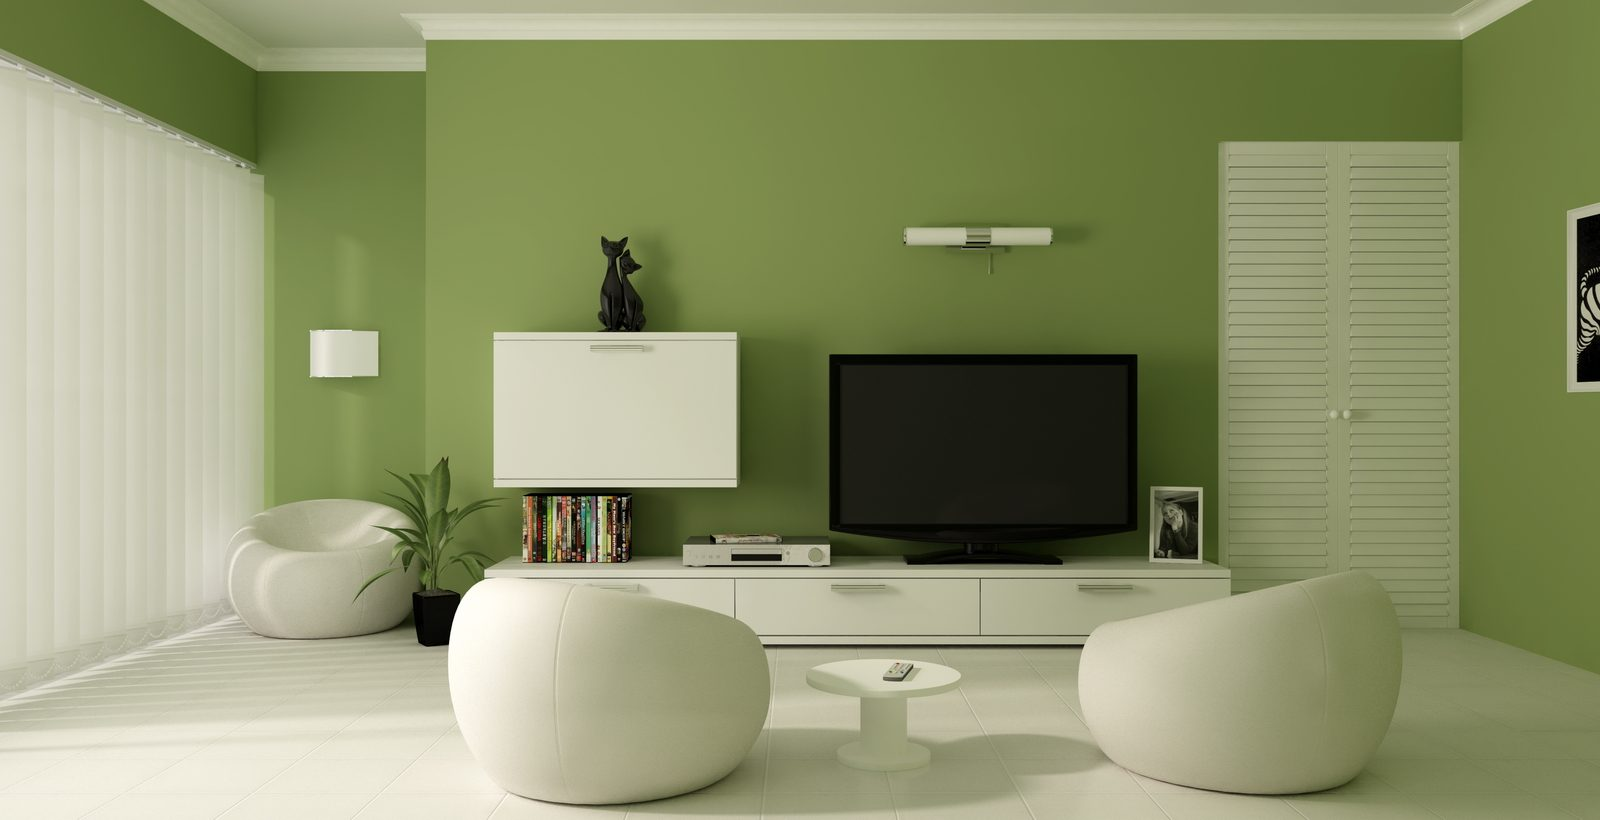 Galería de imágenes: Decoración en color verde